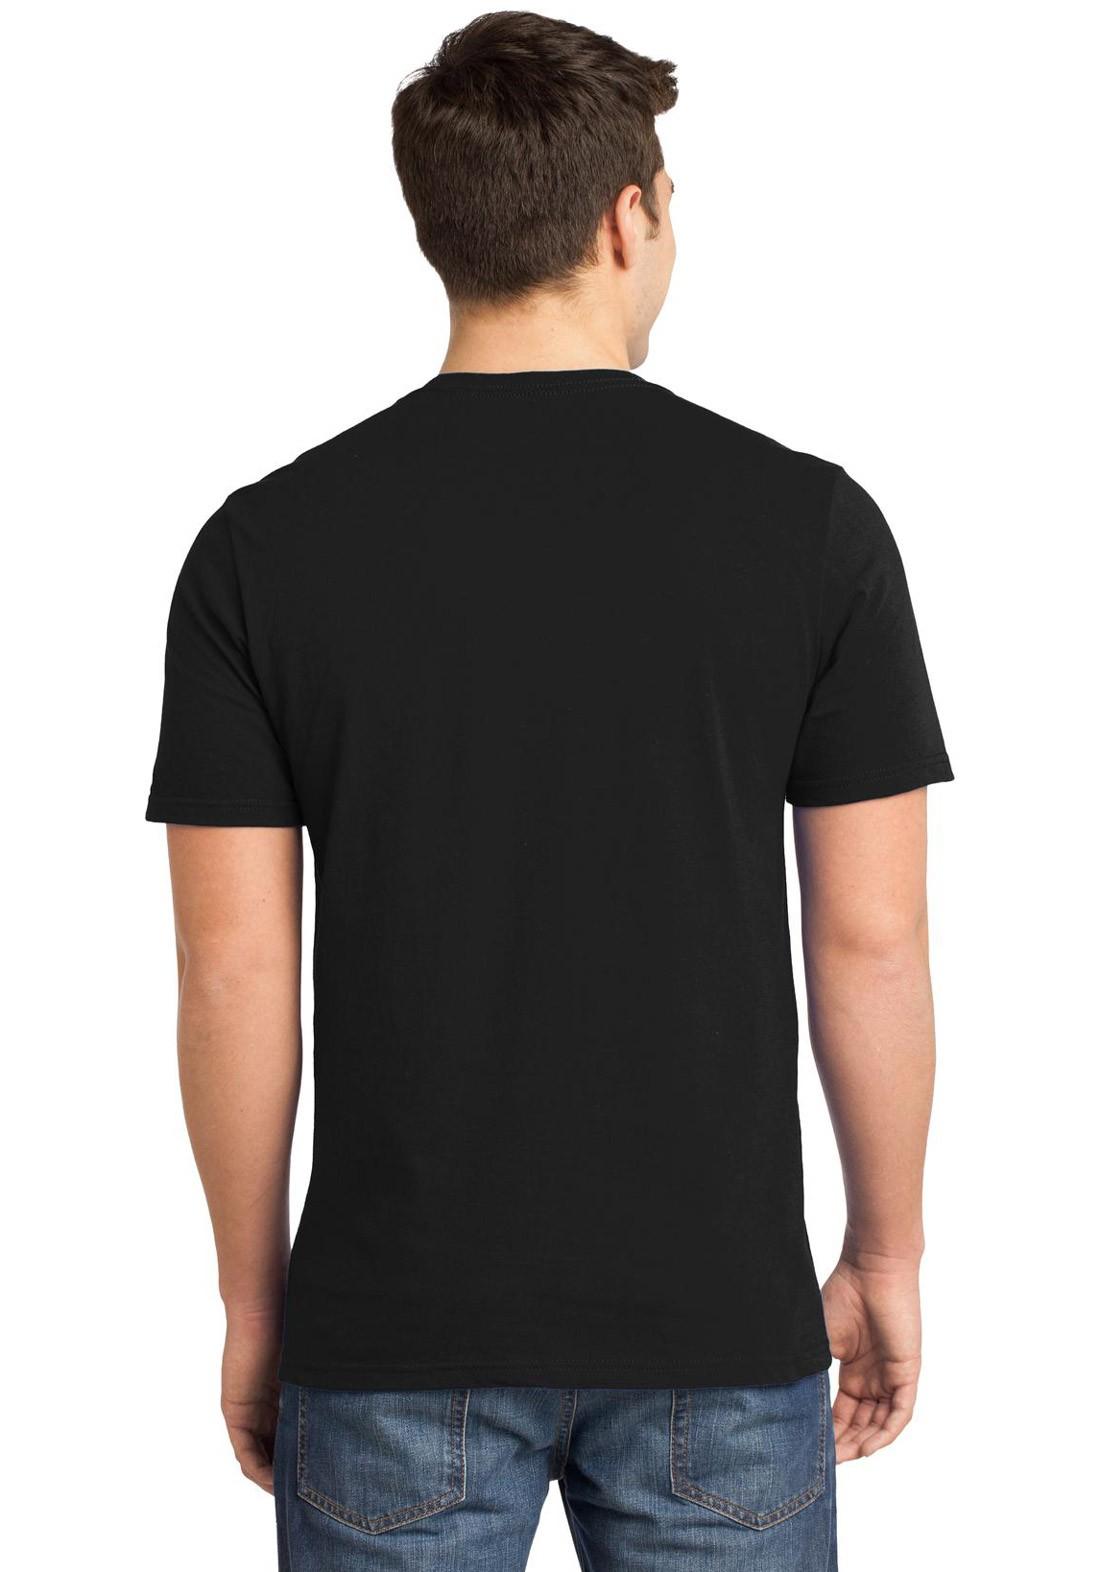 Camiseta Masculina Universitária Faculdade Letras